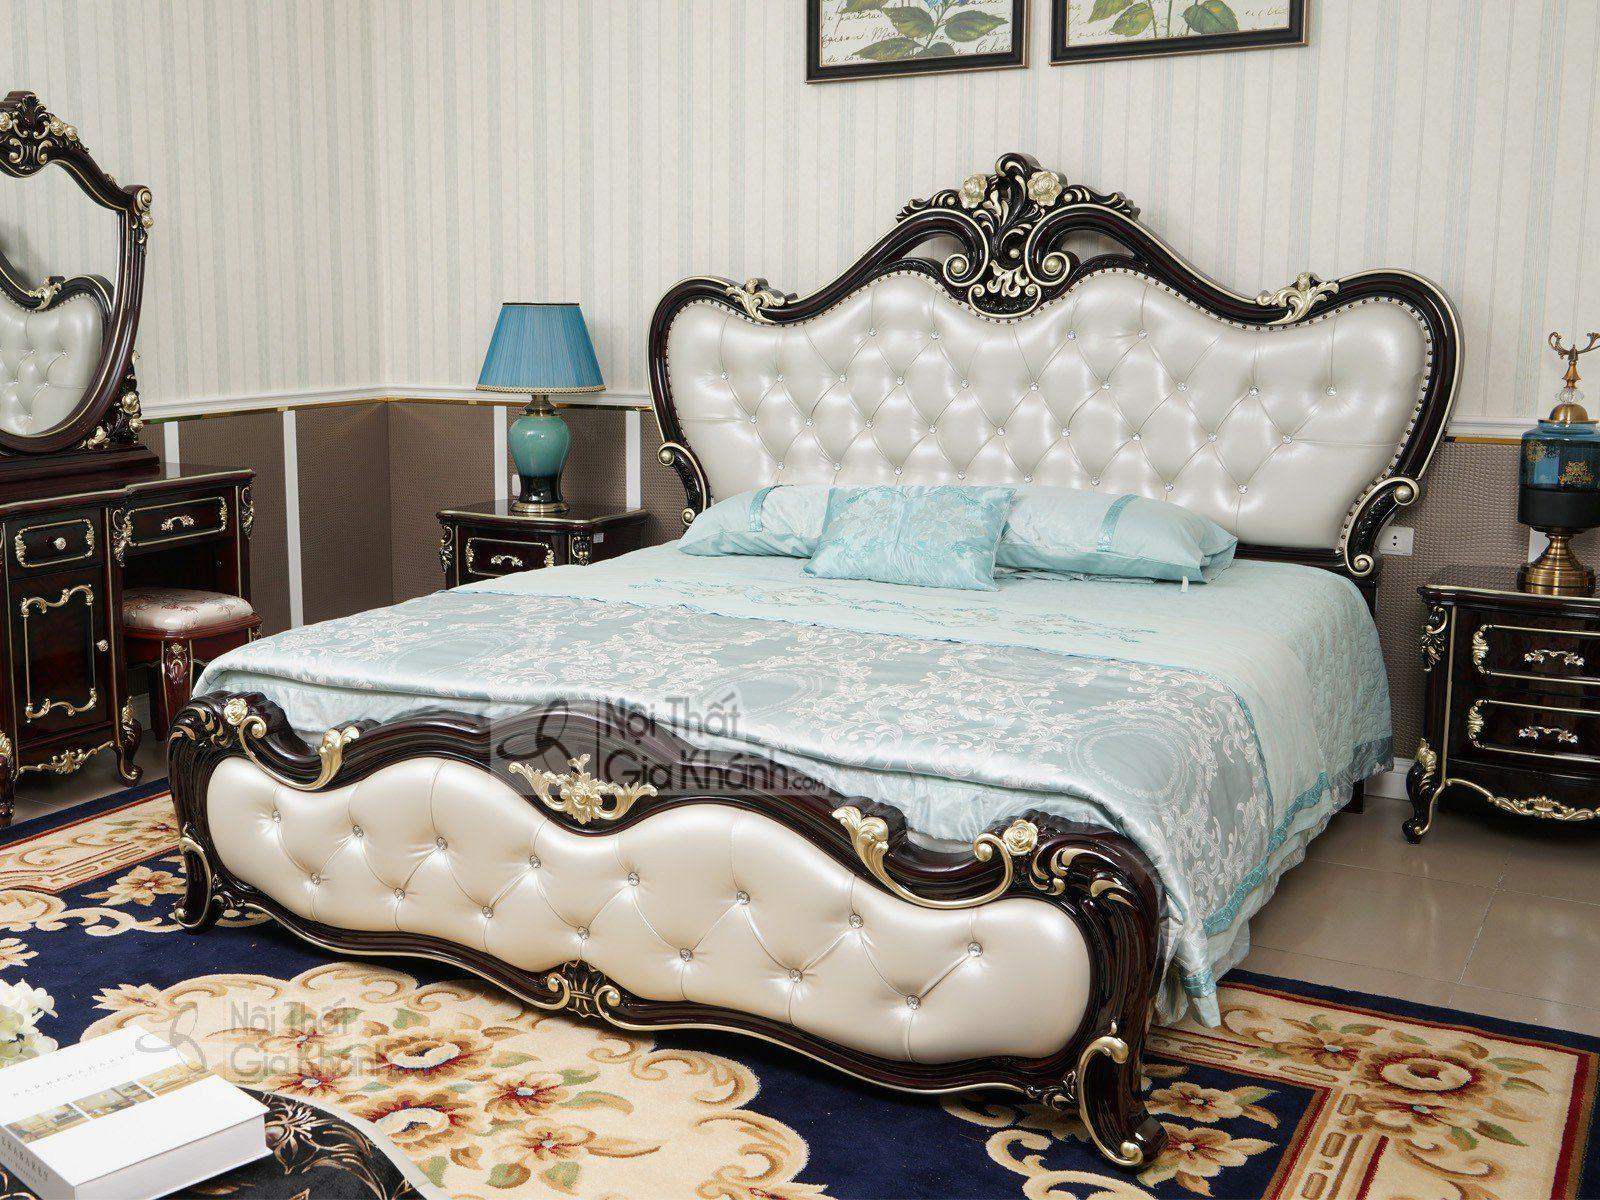 giuong ngu tan co dien G8802AL 2240x2200x1635 2 - Giường ngủ màu nâu tân cổ điển gỗ cao cấp GI8802G